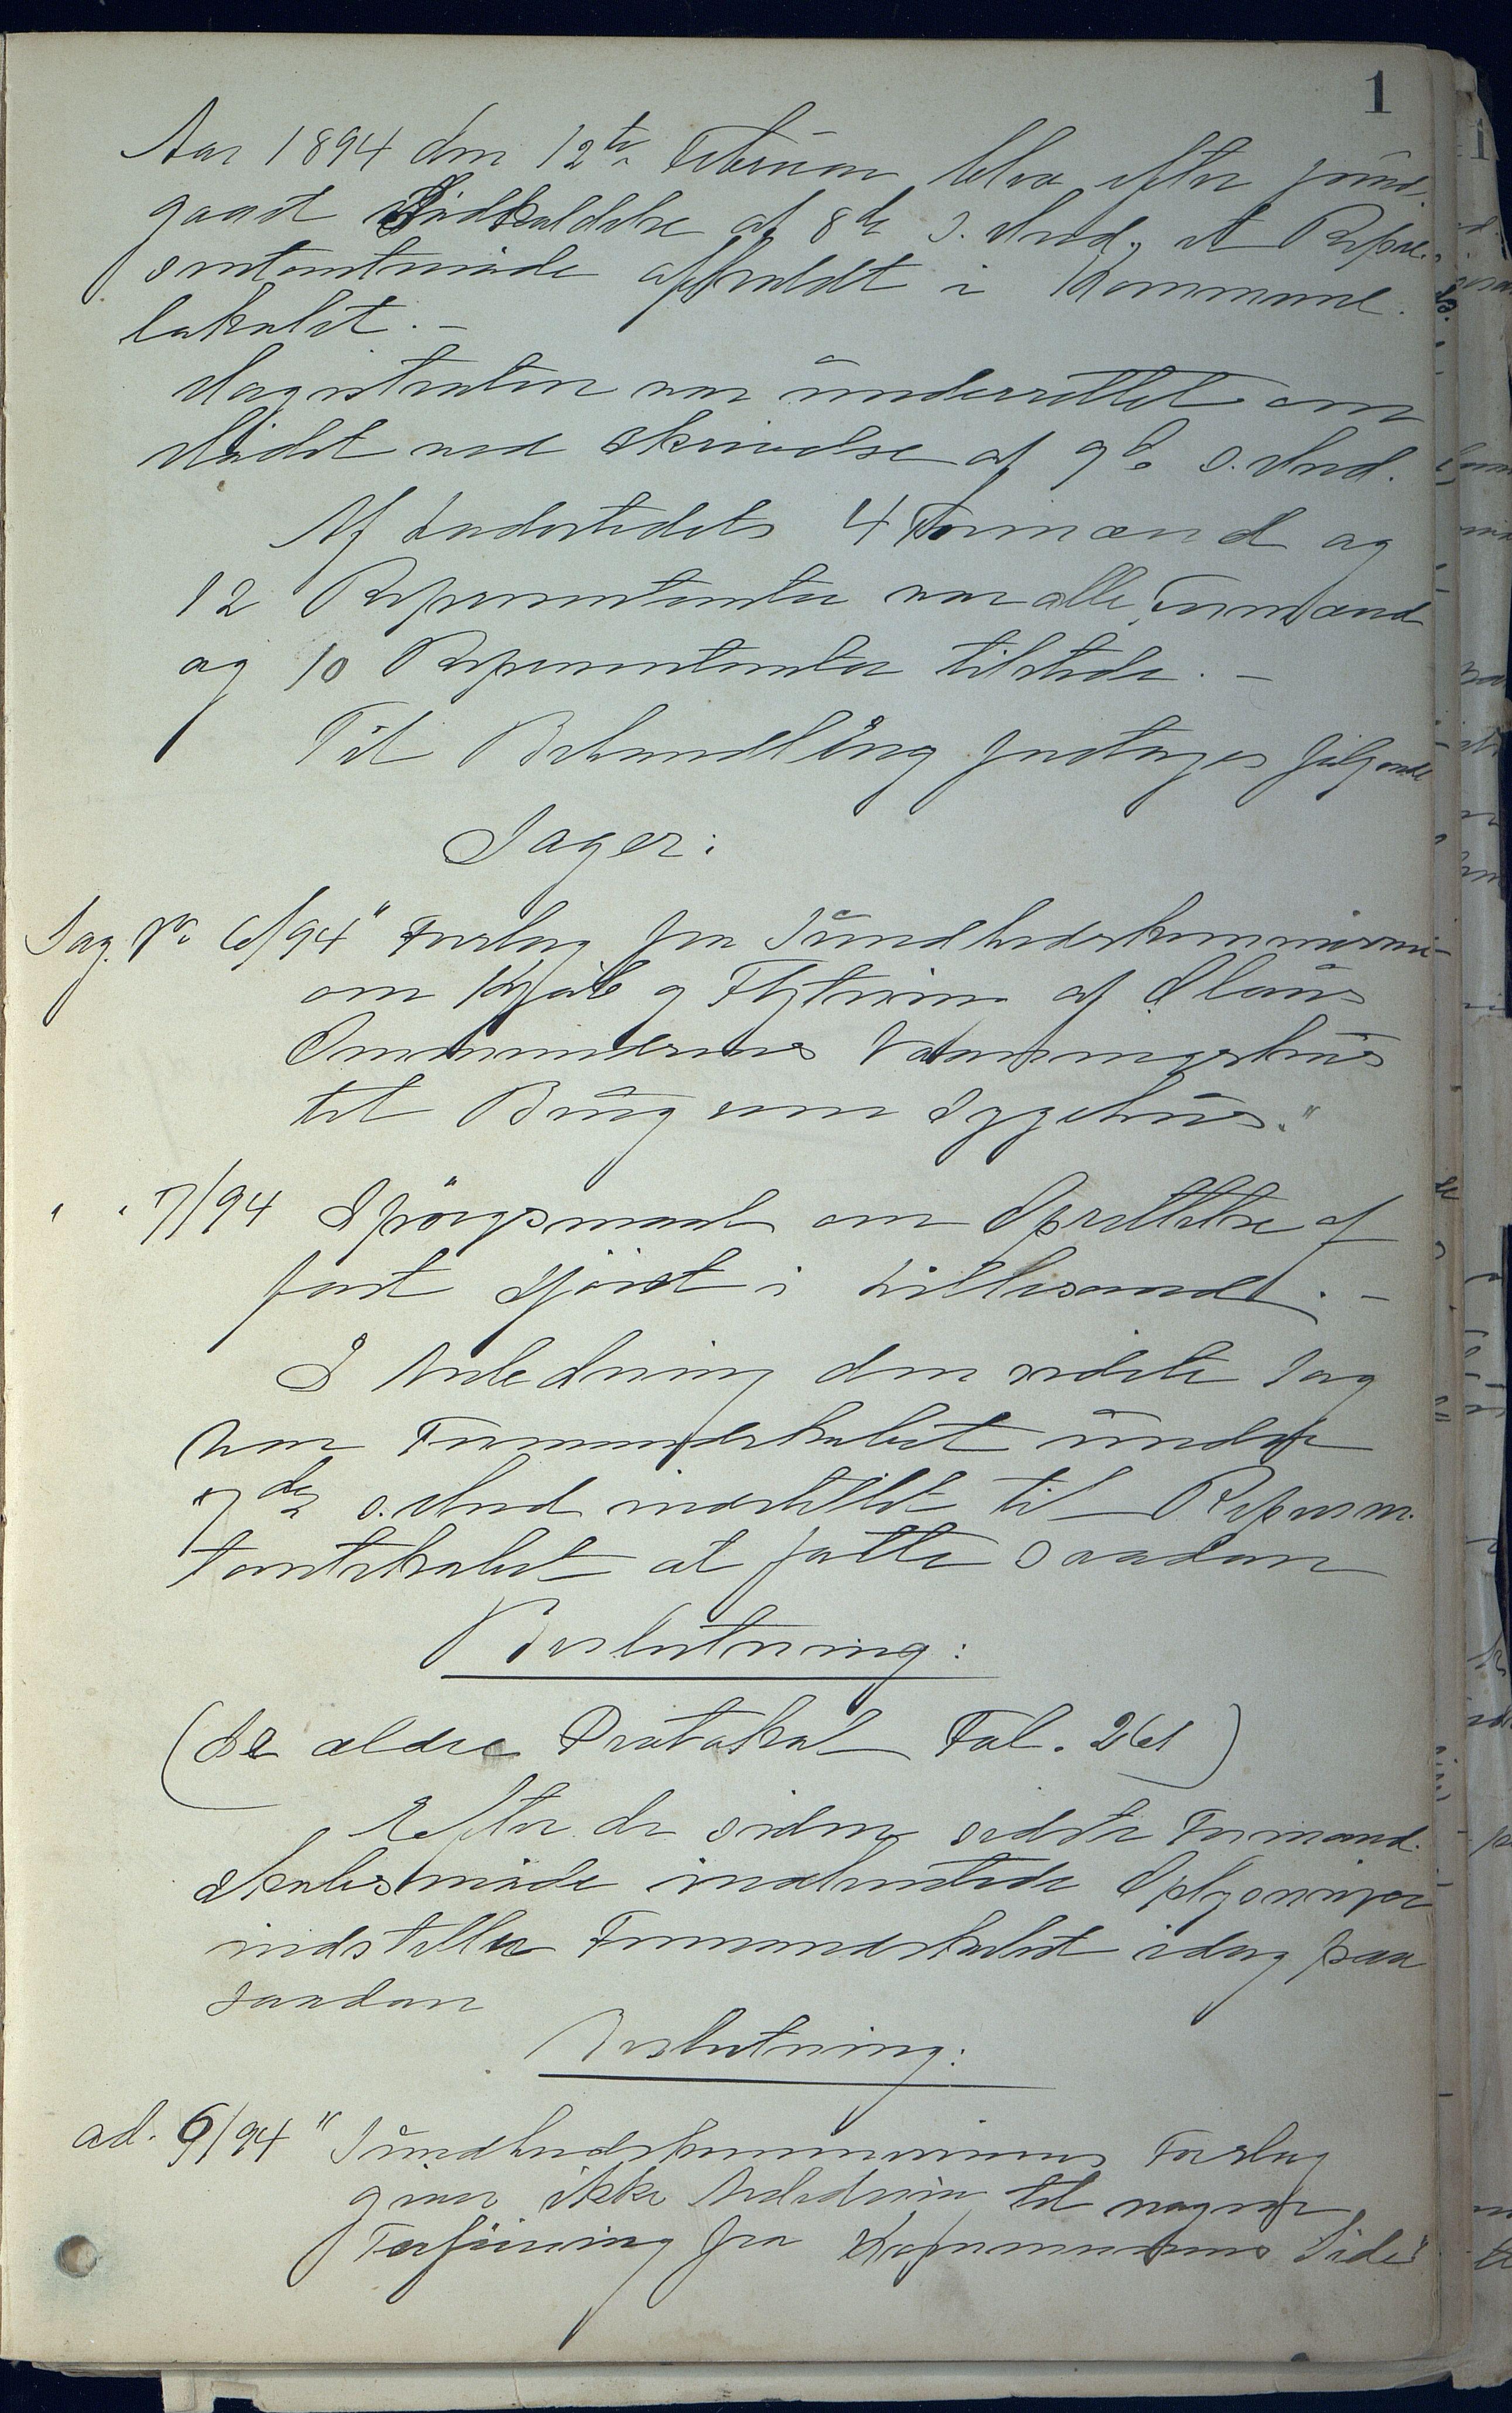 AAKS, Lillesand kommune, 01/L0004: Formannskapets møtebok, 1894-1906, p. 1